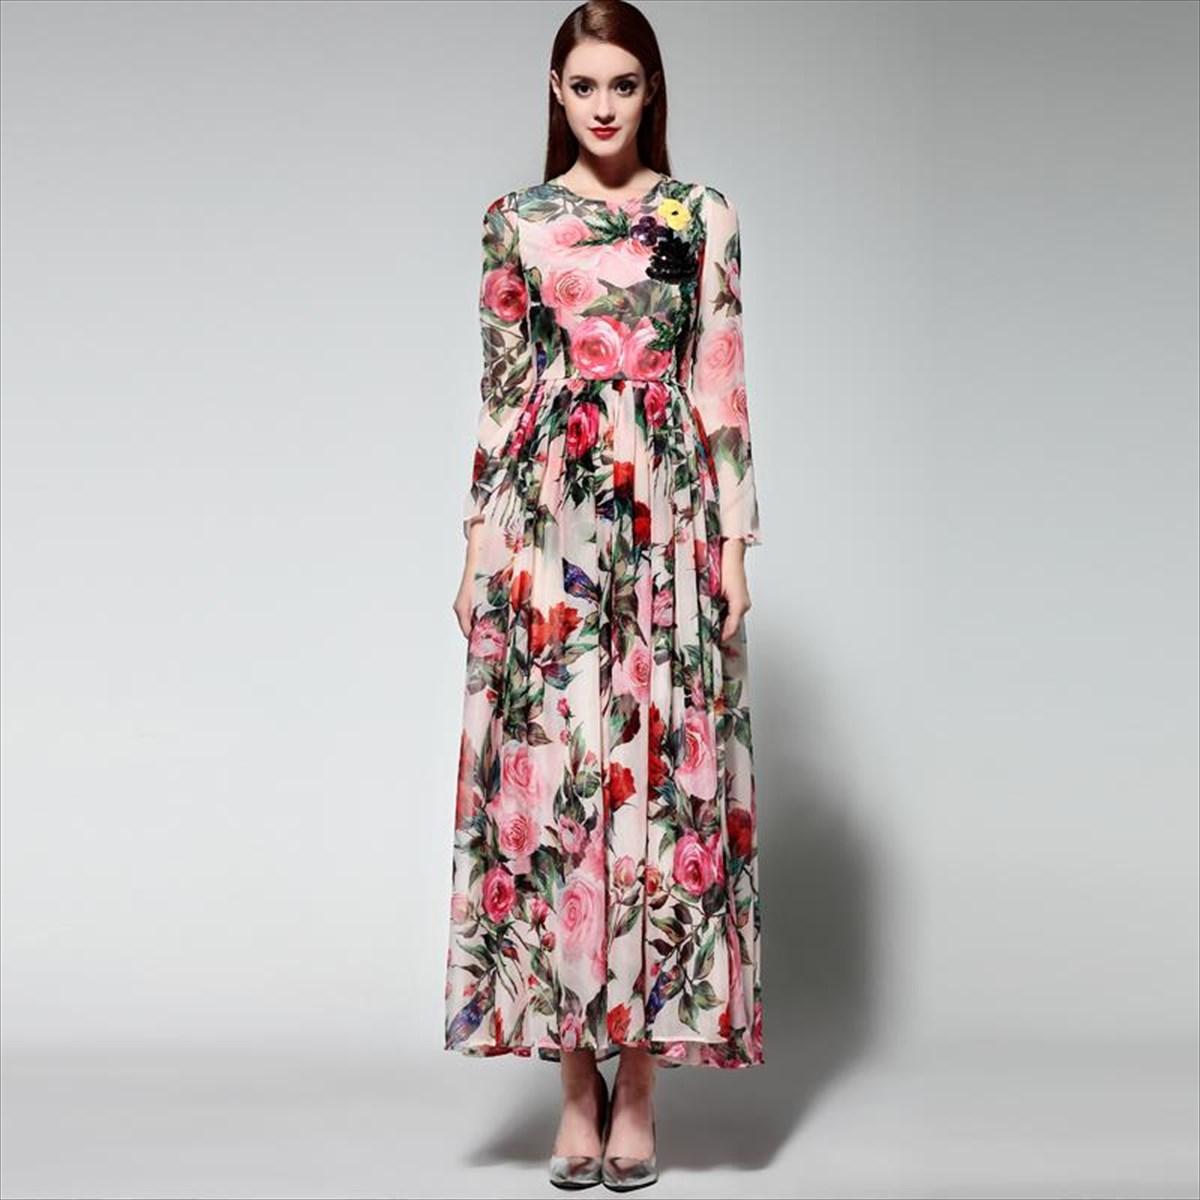 Εμείς κάναμε μια επιλογή από floral φορέματα κι εσυ 086c241308a